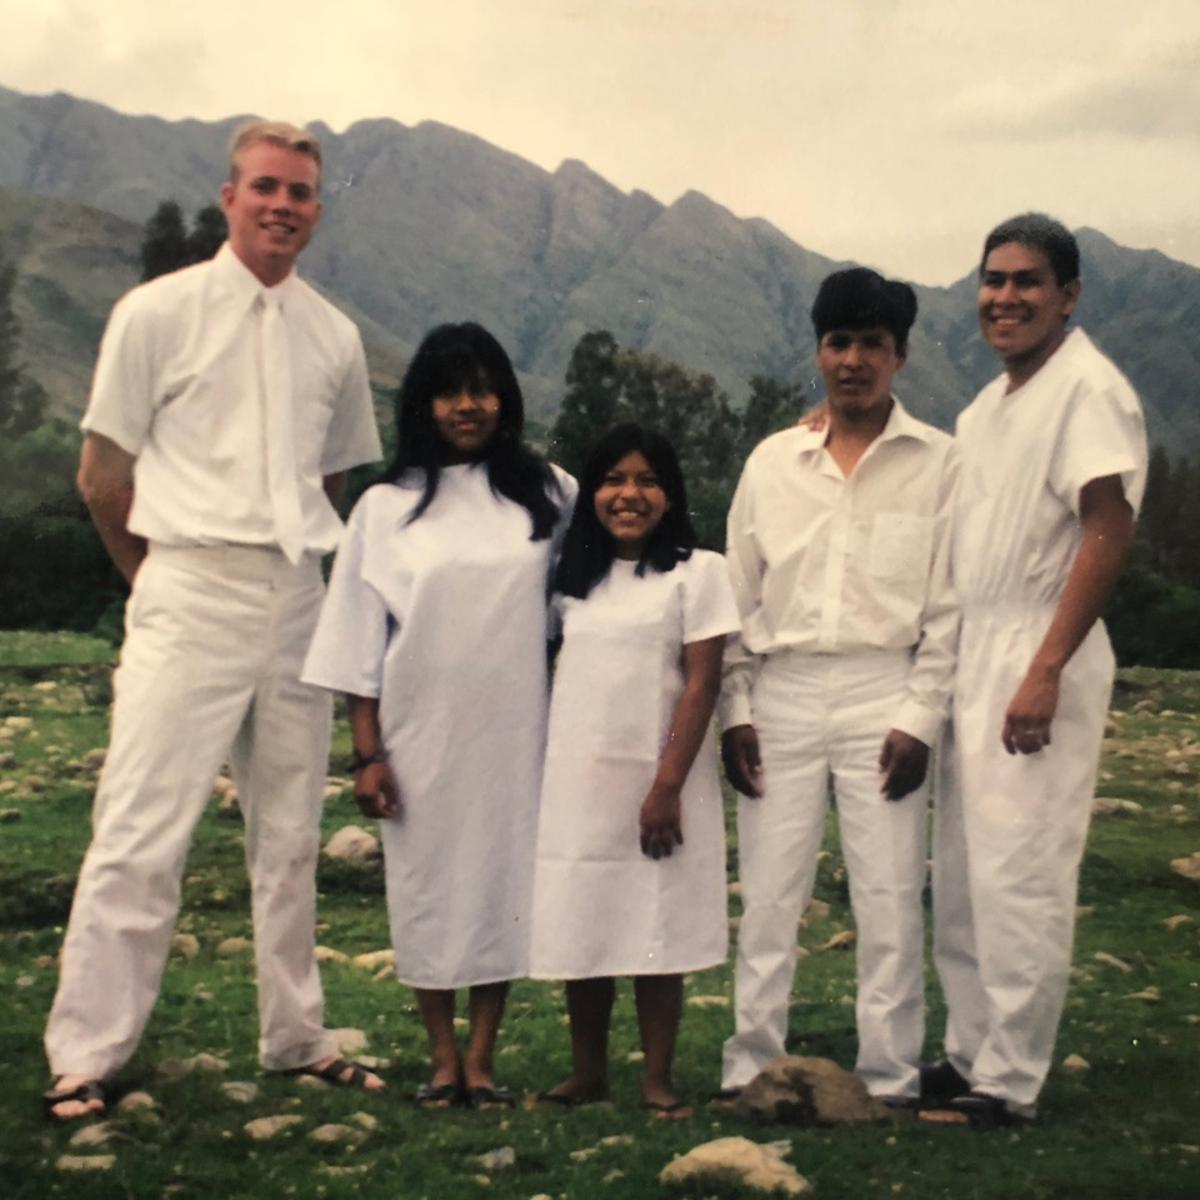 Davis Smith y familia Sanchez